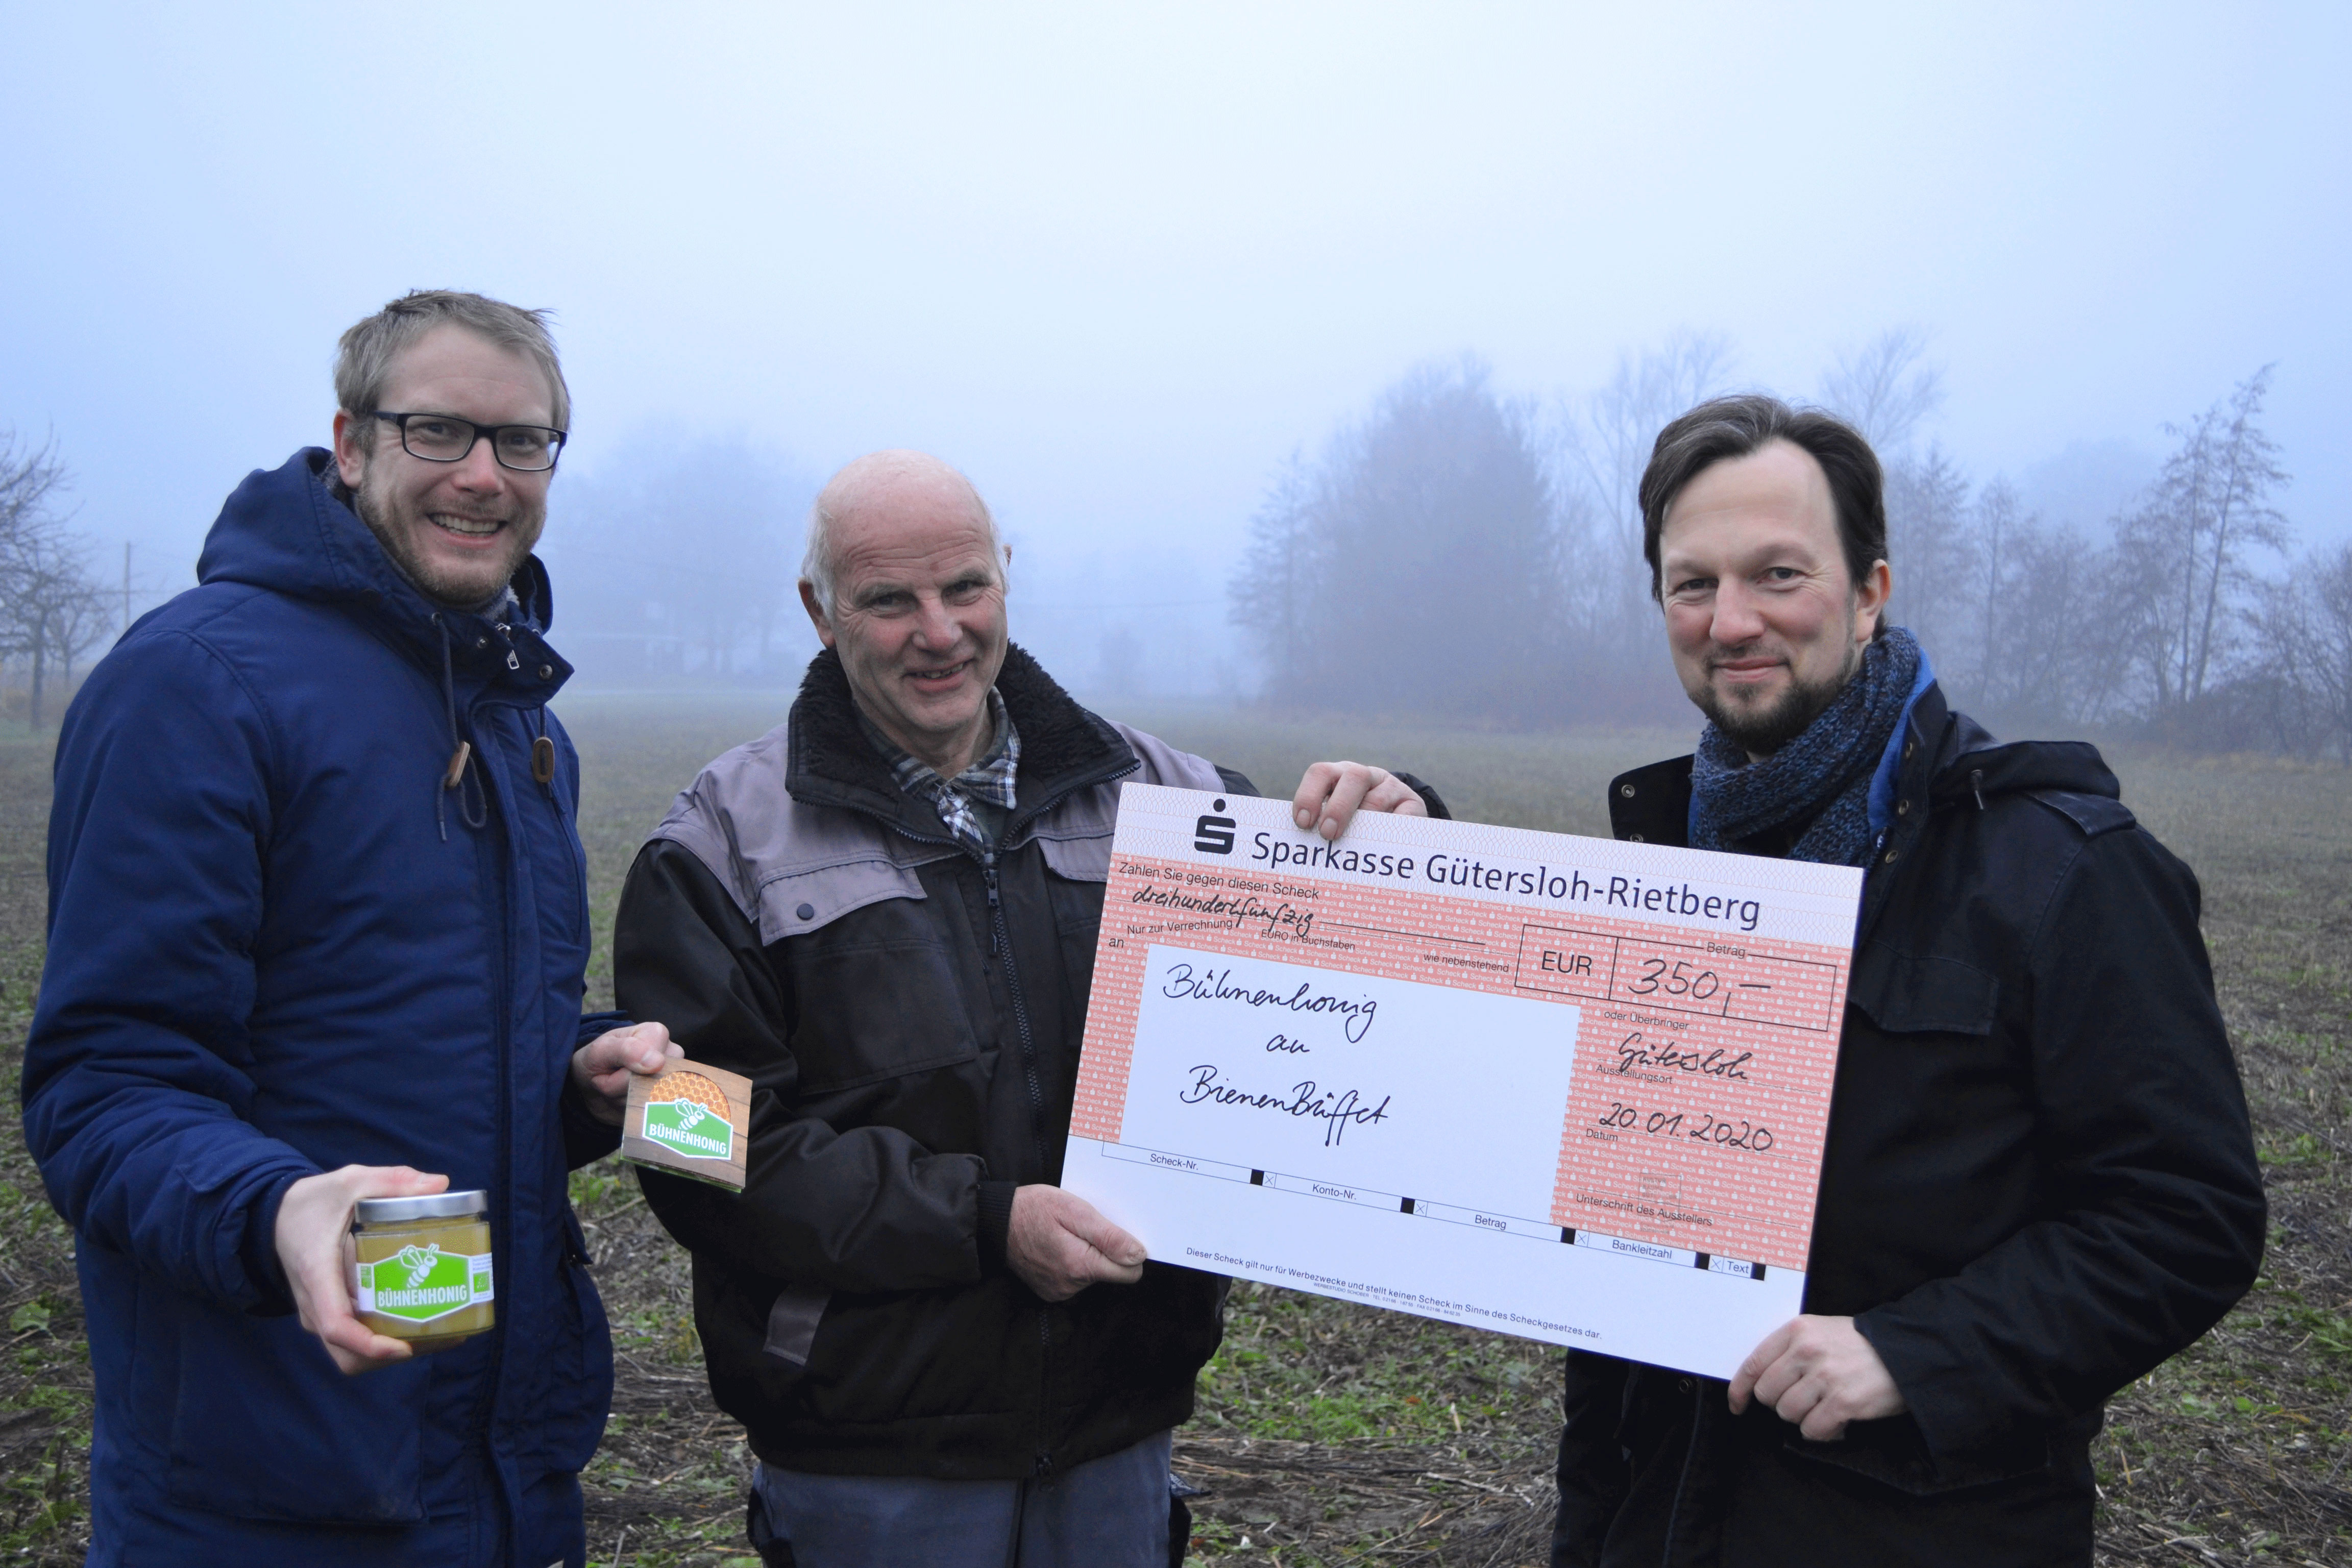 Christian Schäfer überreicht den Spendenscheck für das BienenBüffet an Heiner und Heinrich Wulfhorst